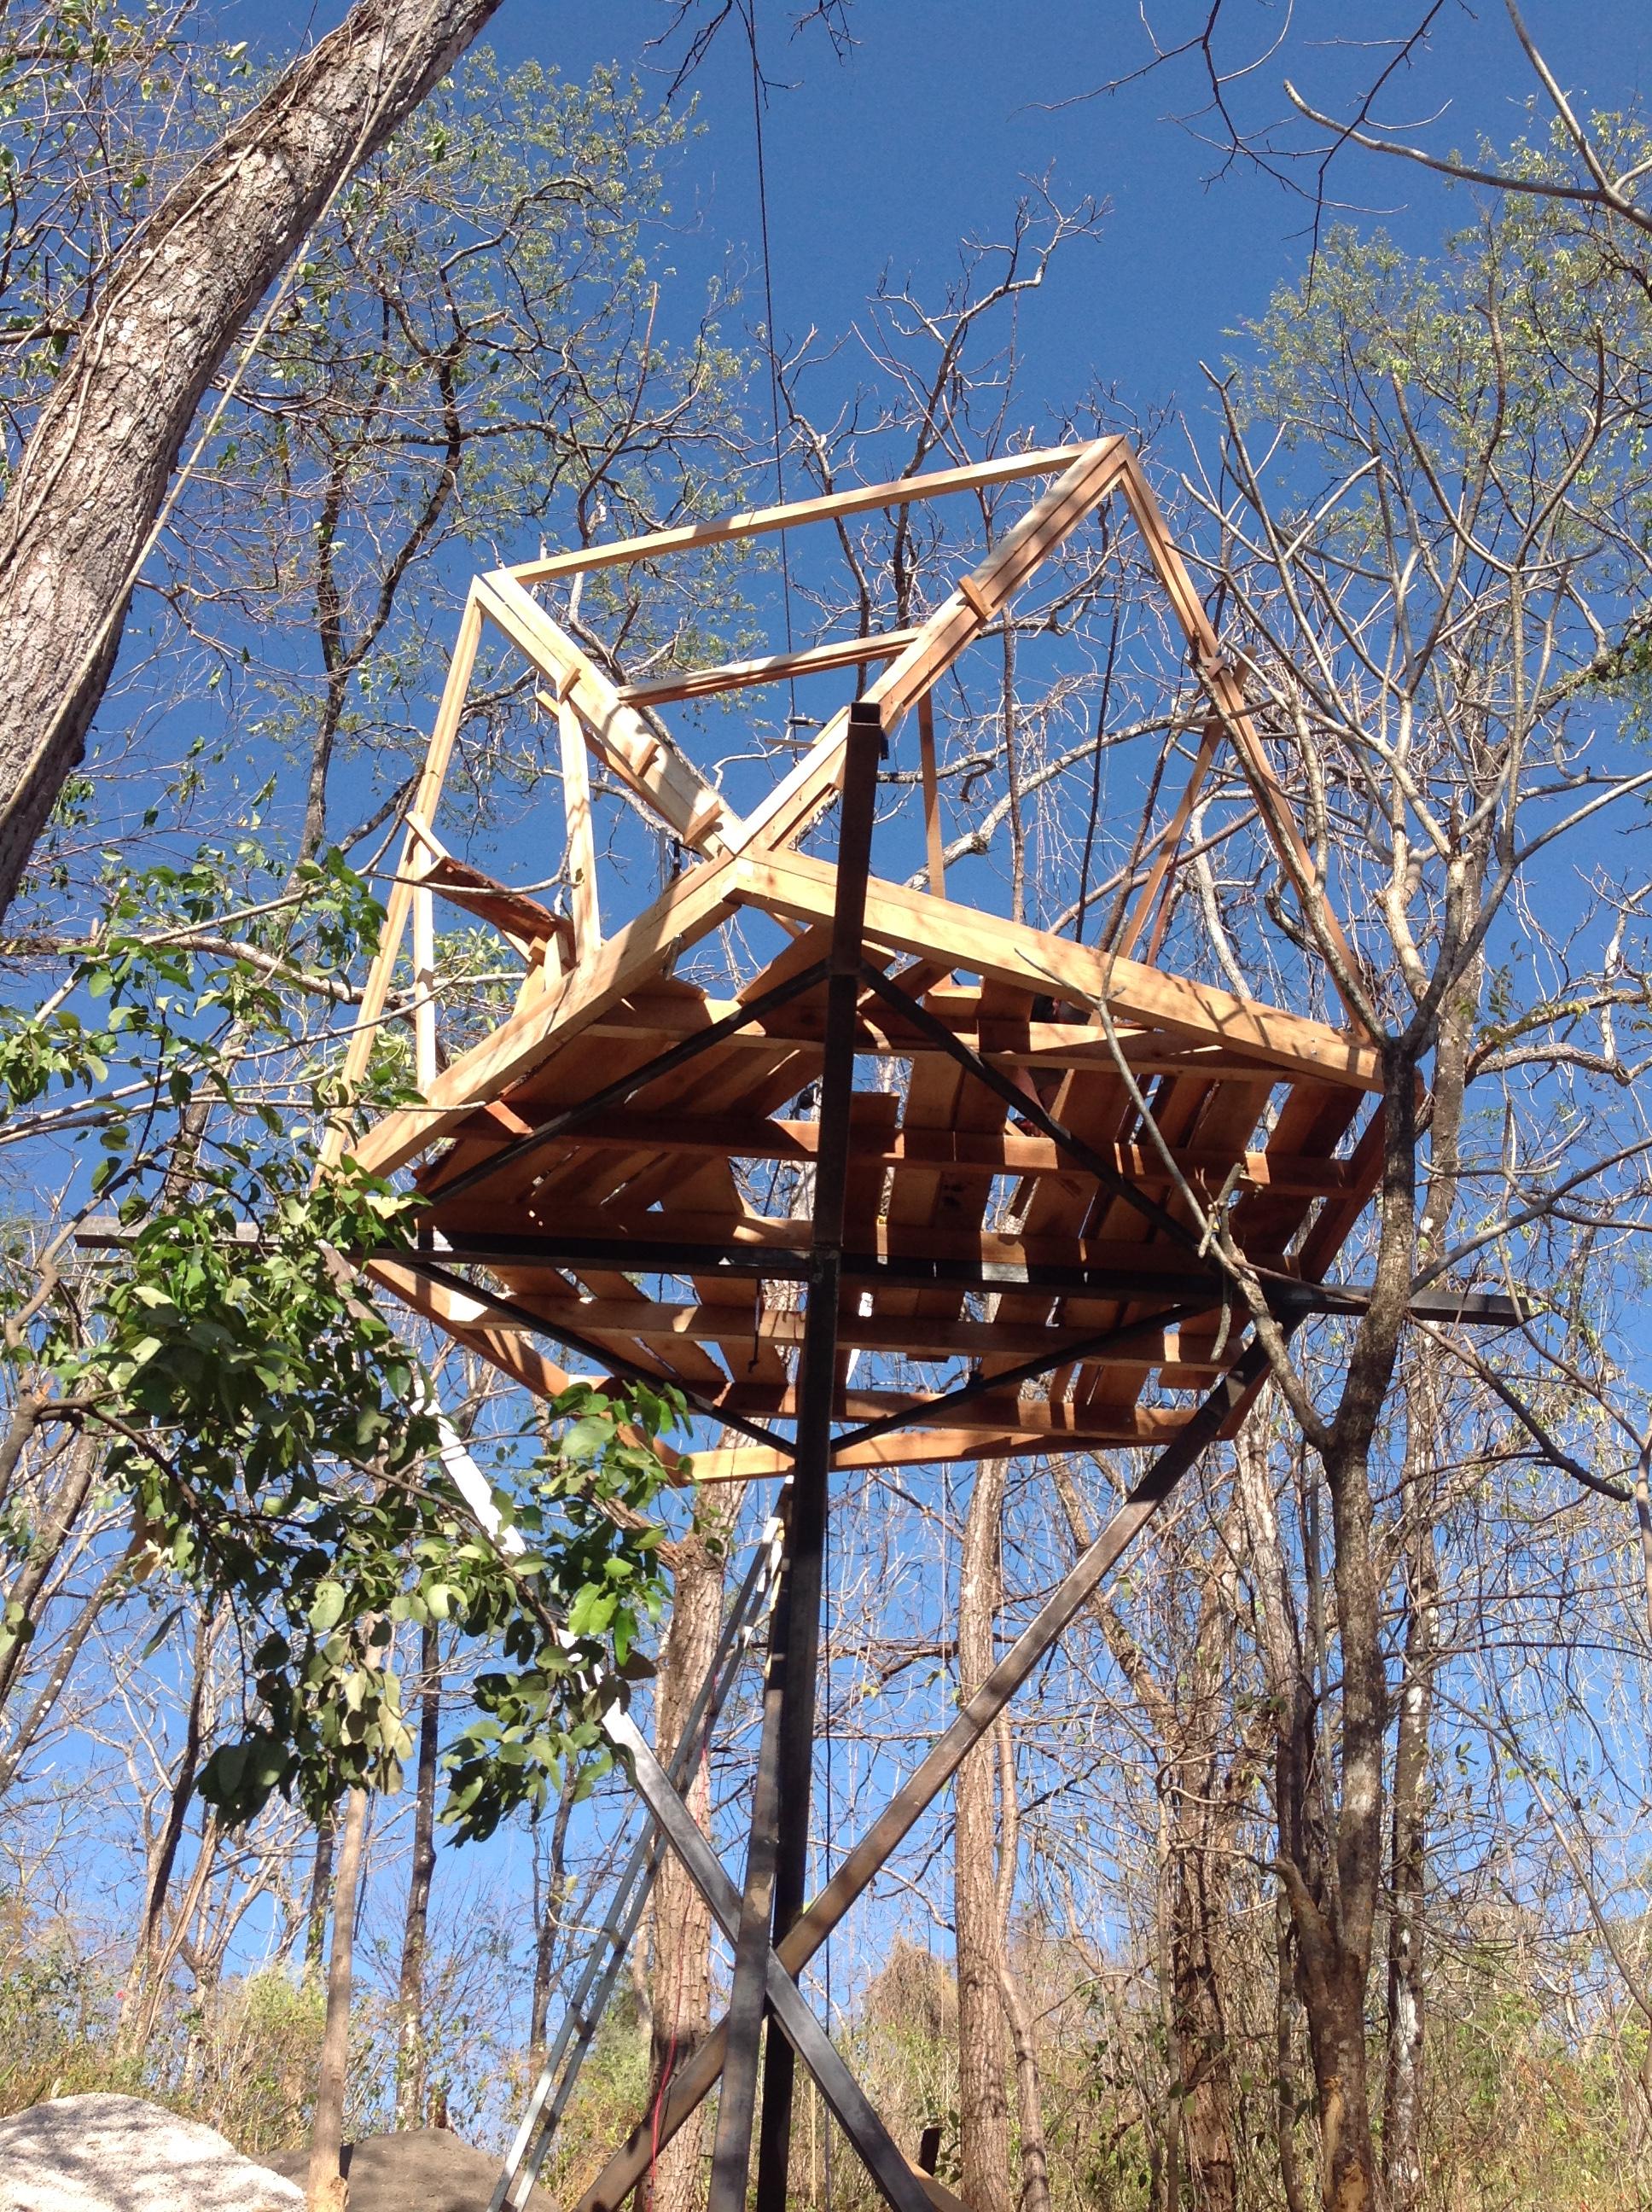 Das Baumhaus in Costa Rica nimmt Gestalt an, Foto Ina Knobloch